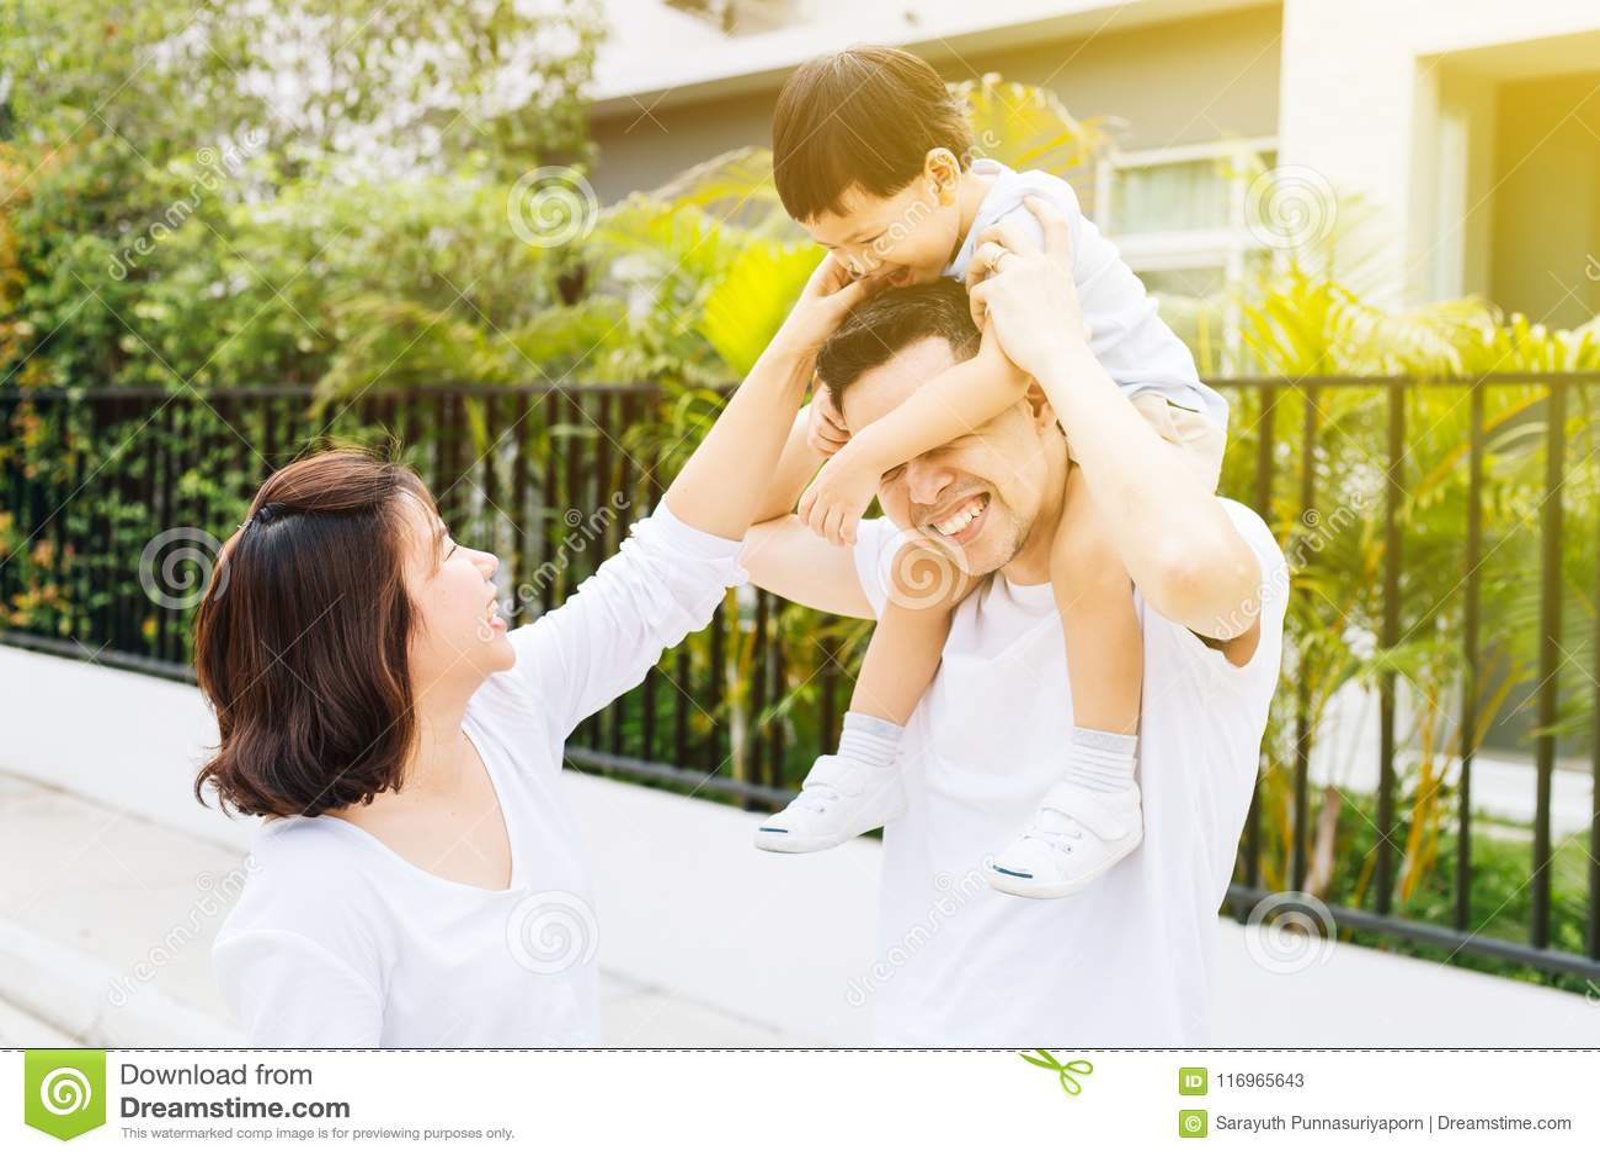 Śliczny Azjatycki ojciec piggbacking jego syna wraz z jego żoną w parku Z podnieceniem rodzinny wydaje czas wraz z szczęściem